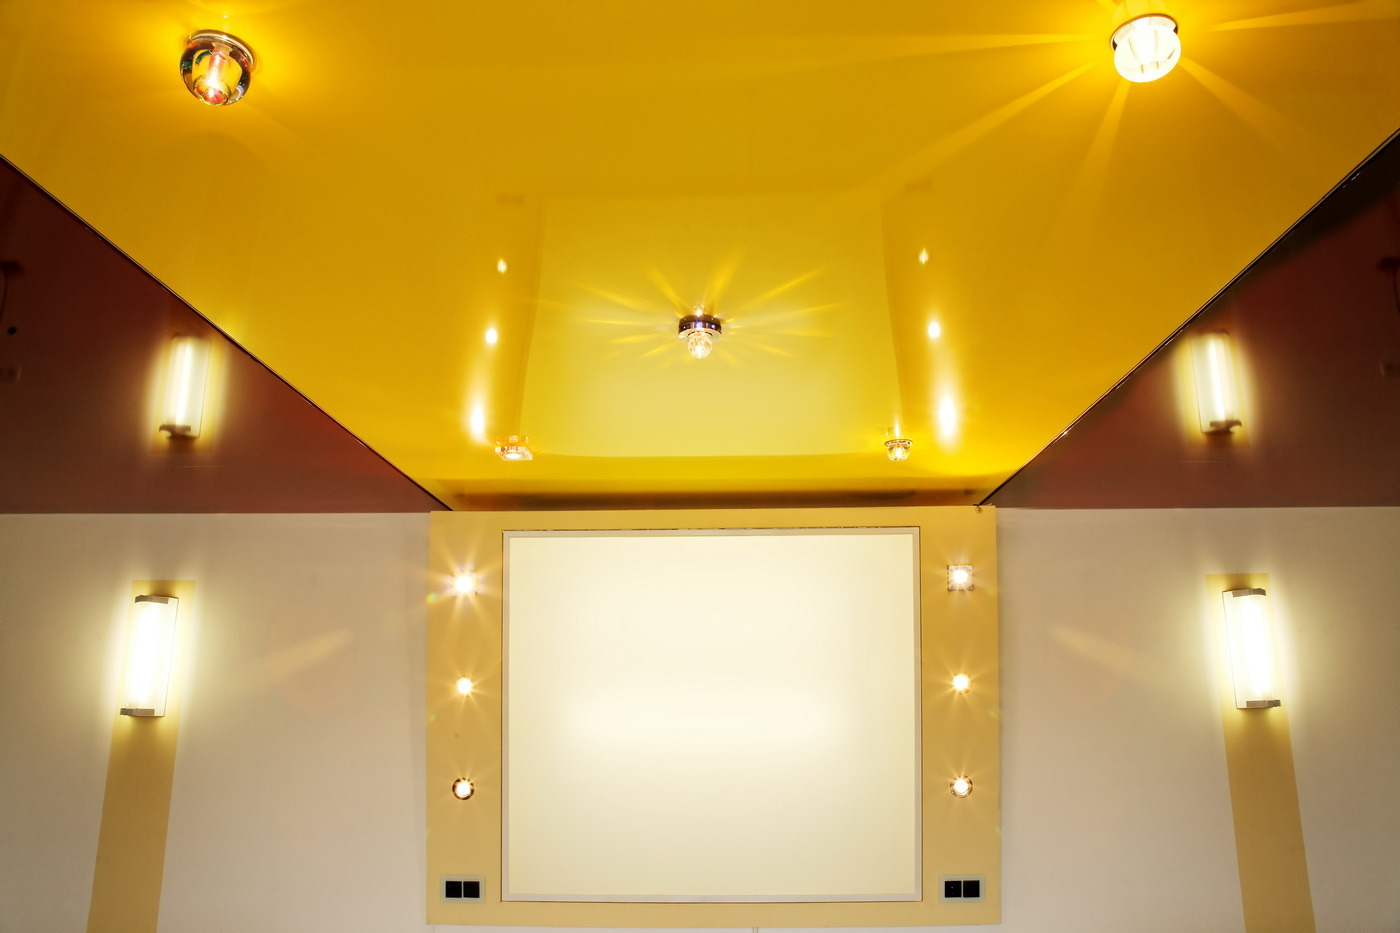 освещение для натяжных потолков фото проклятия находится большого